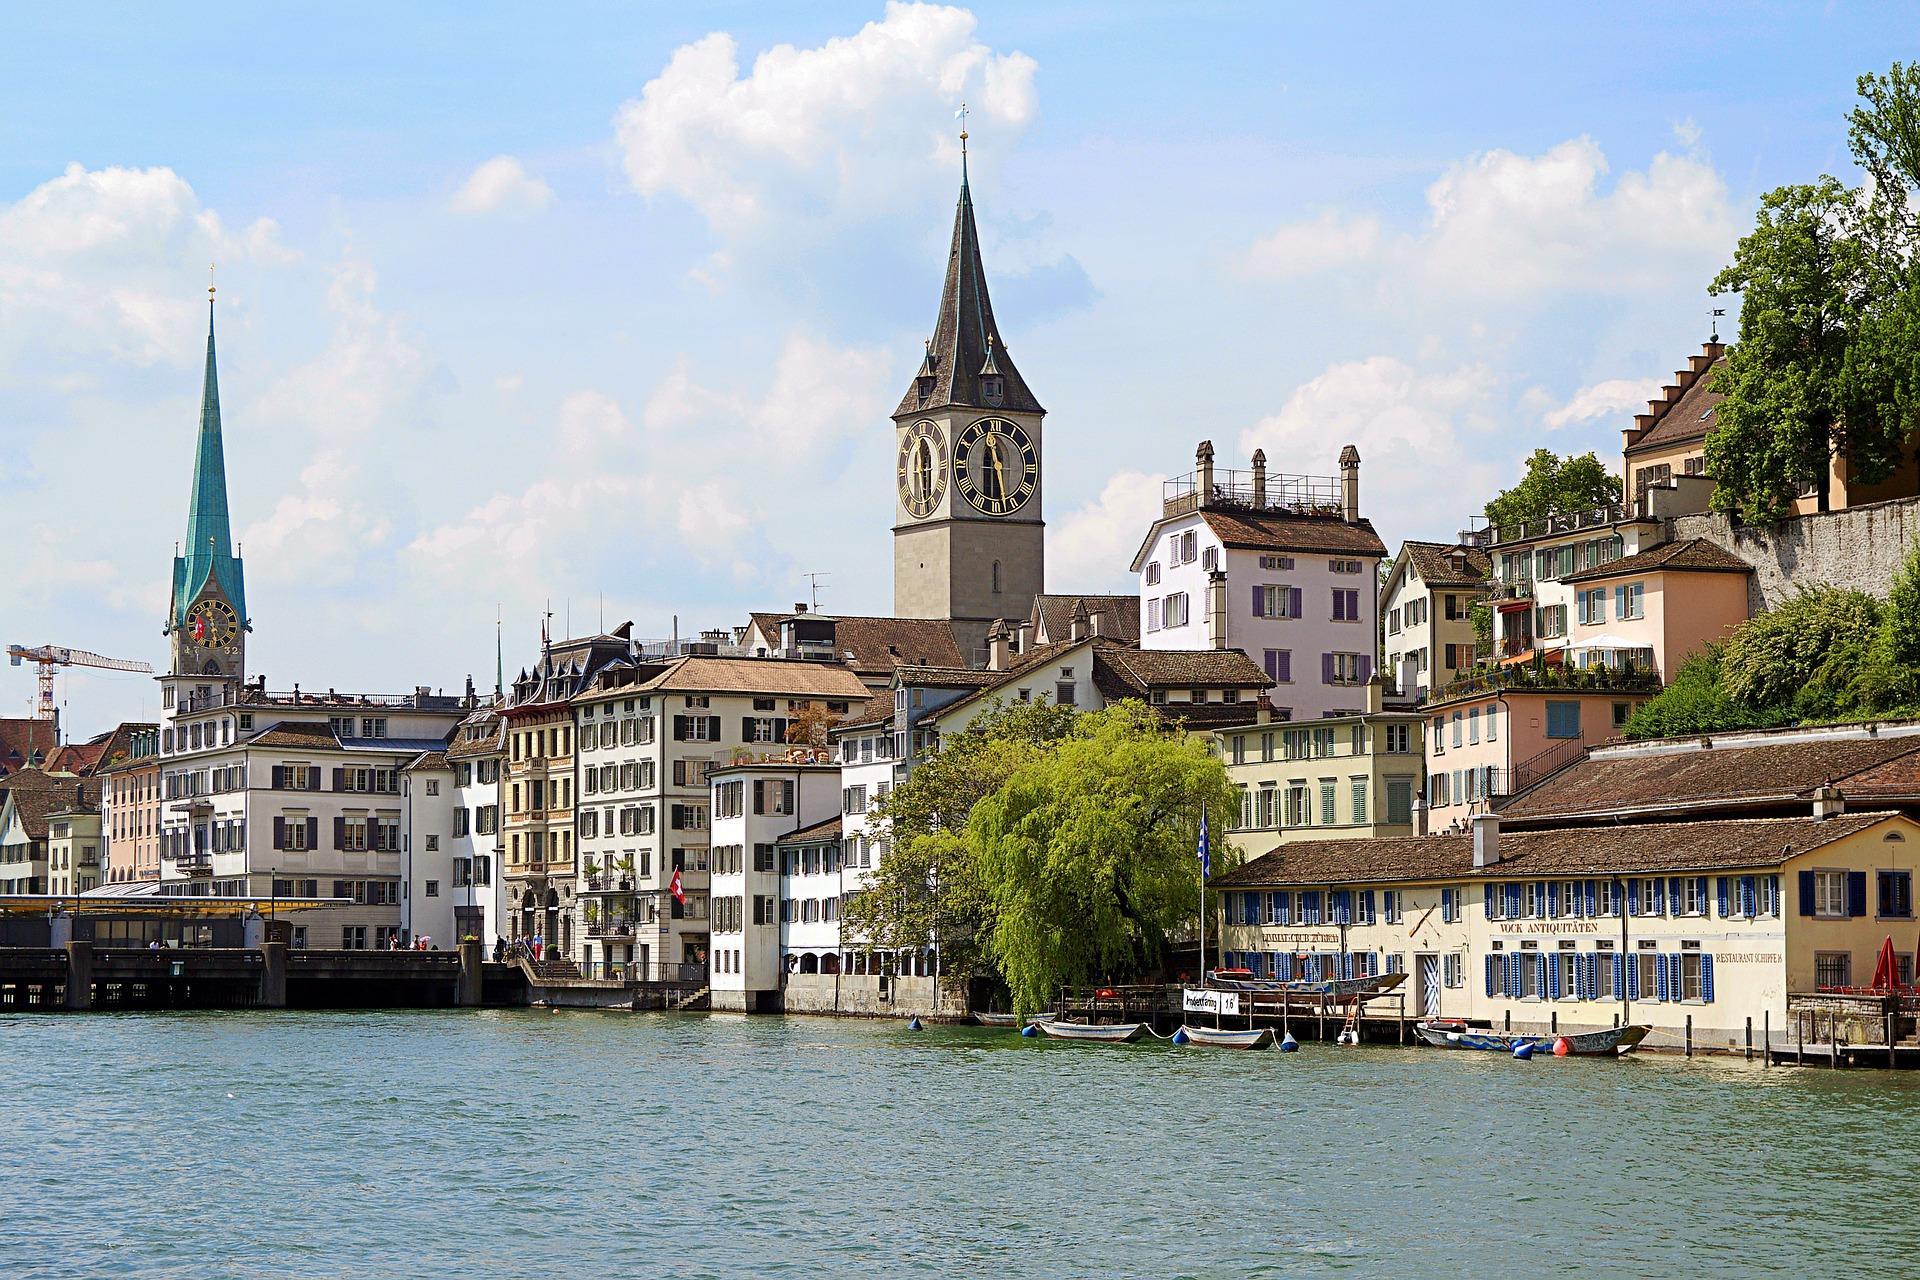 Bild von Zürich mit schönem Kirchturm